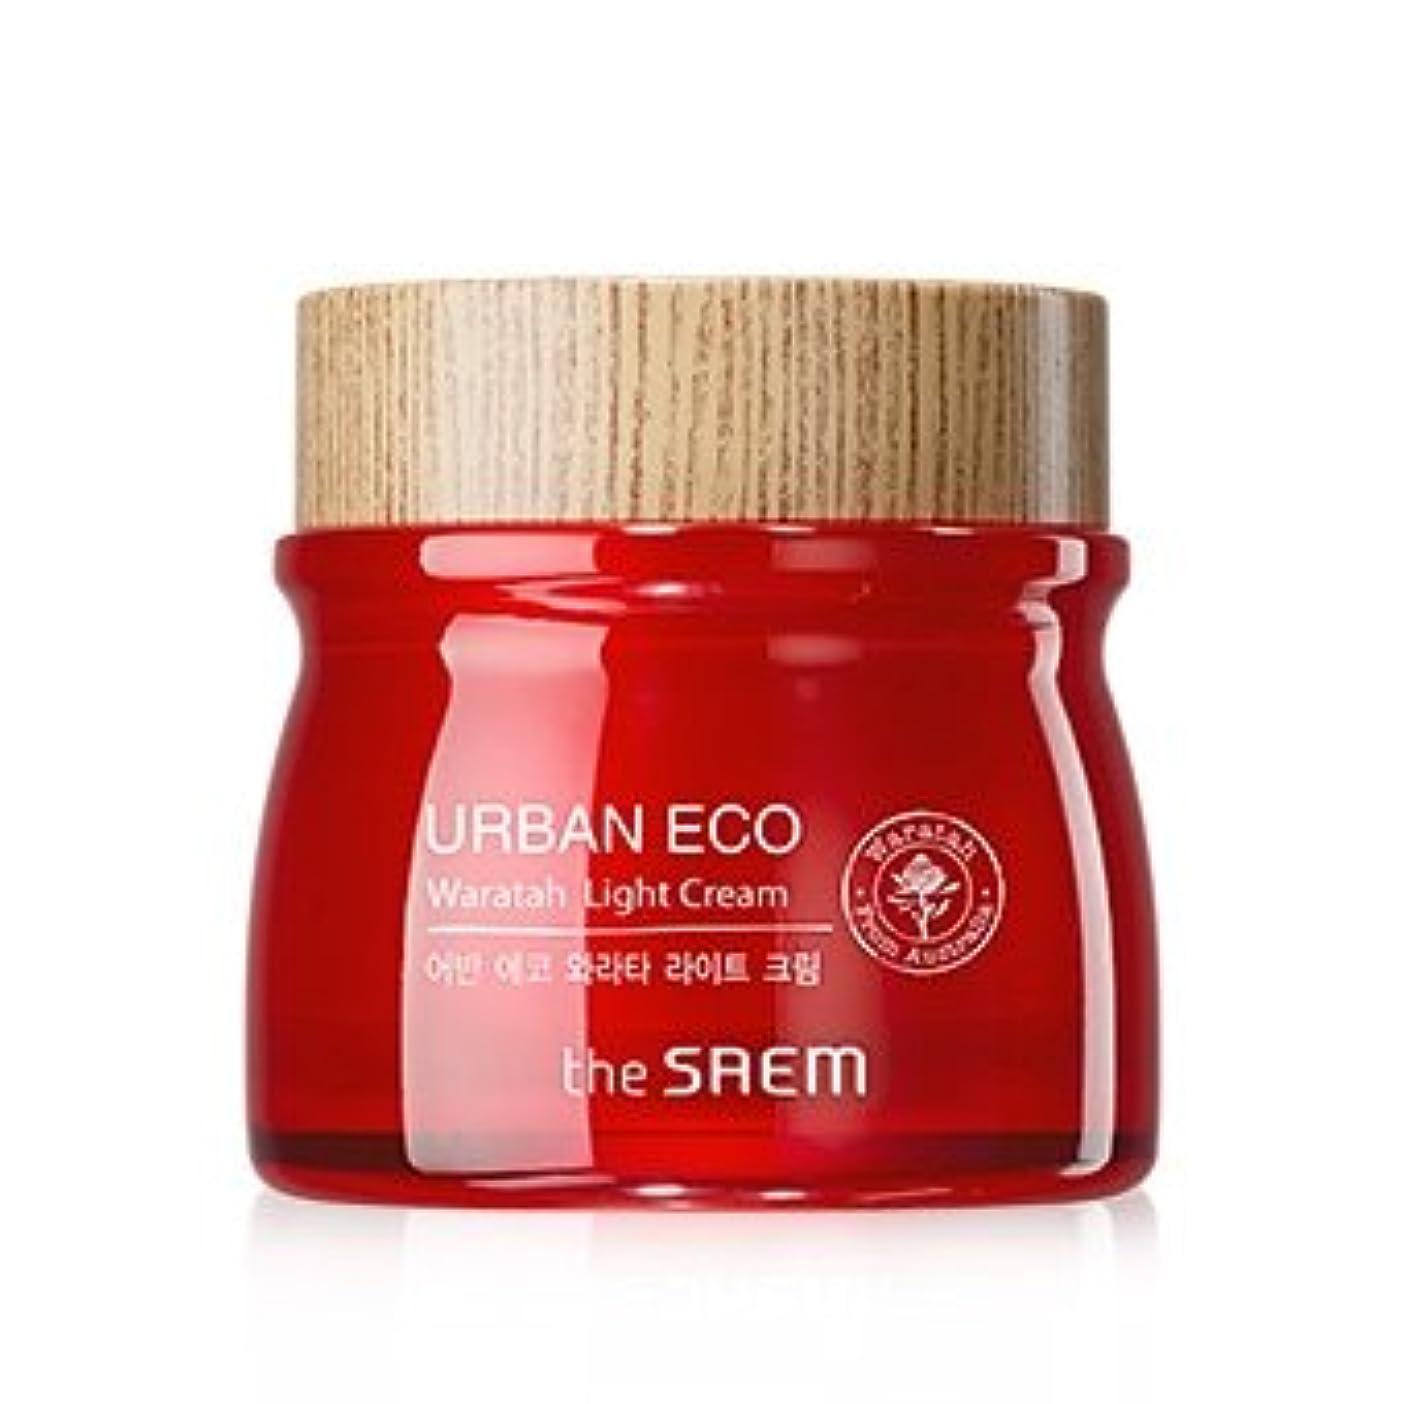 孤独な可能にする祭司The Saem Urban Eco Waratah Light Cream 60ml ドセム アーバンエコワラターライトクリーム60ml[並行輸入品]